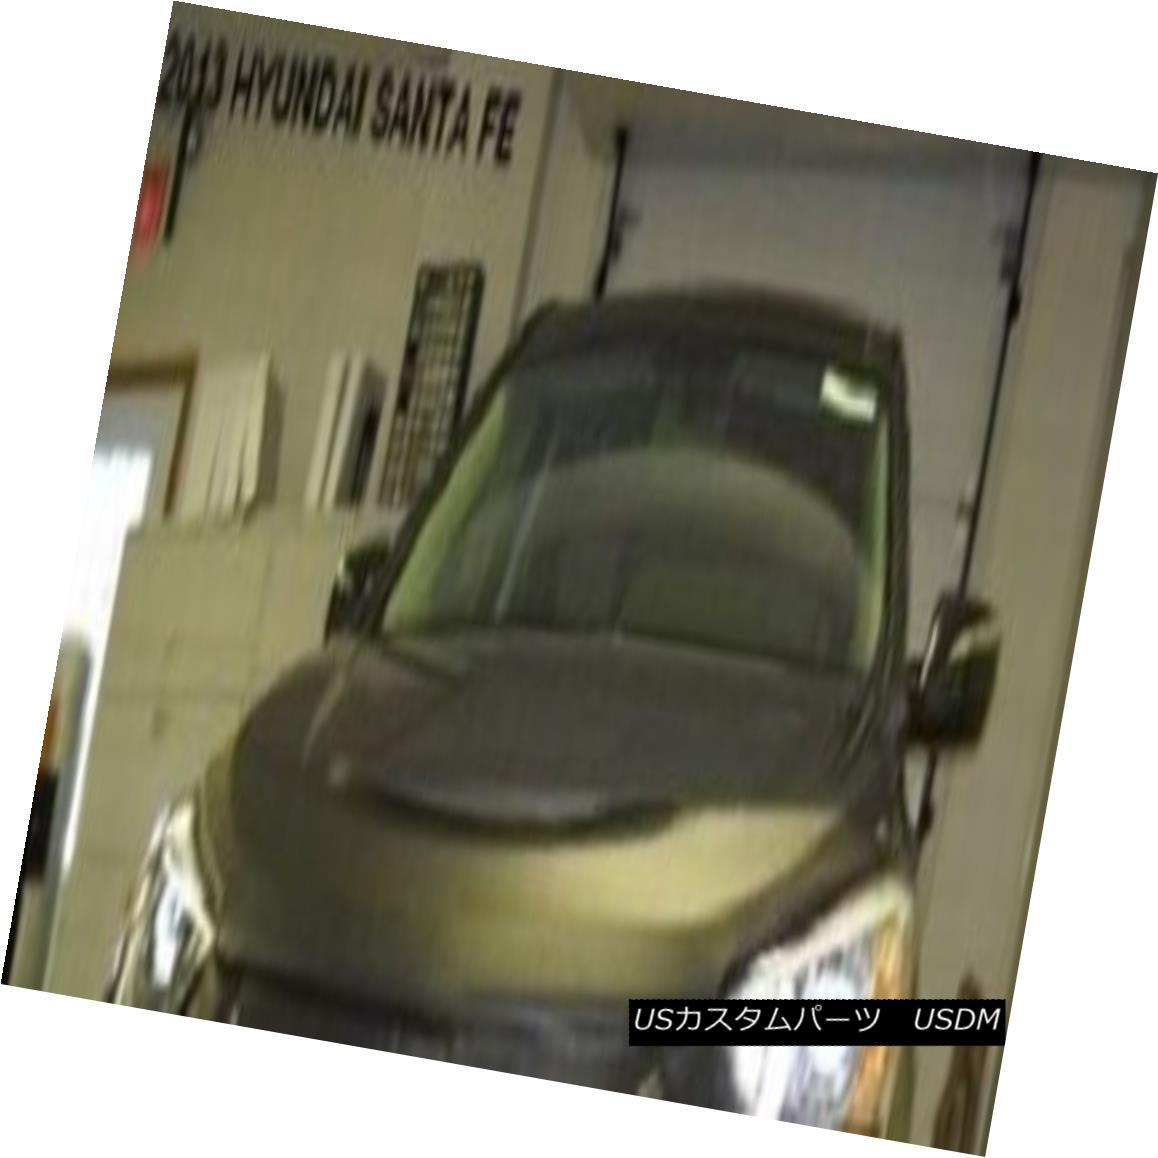 フルブラ ノーズブラ Lebra Hood Protector Mini Mask Bra Fits 2013-2018 Hyundai Santa Fe Lebraフードプロテクターミニマスクブラは2013-2018現代サンタフェを適合